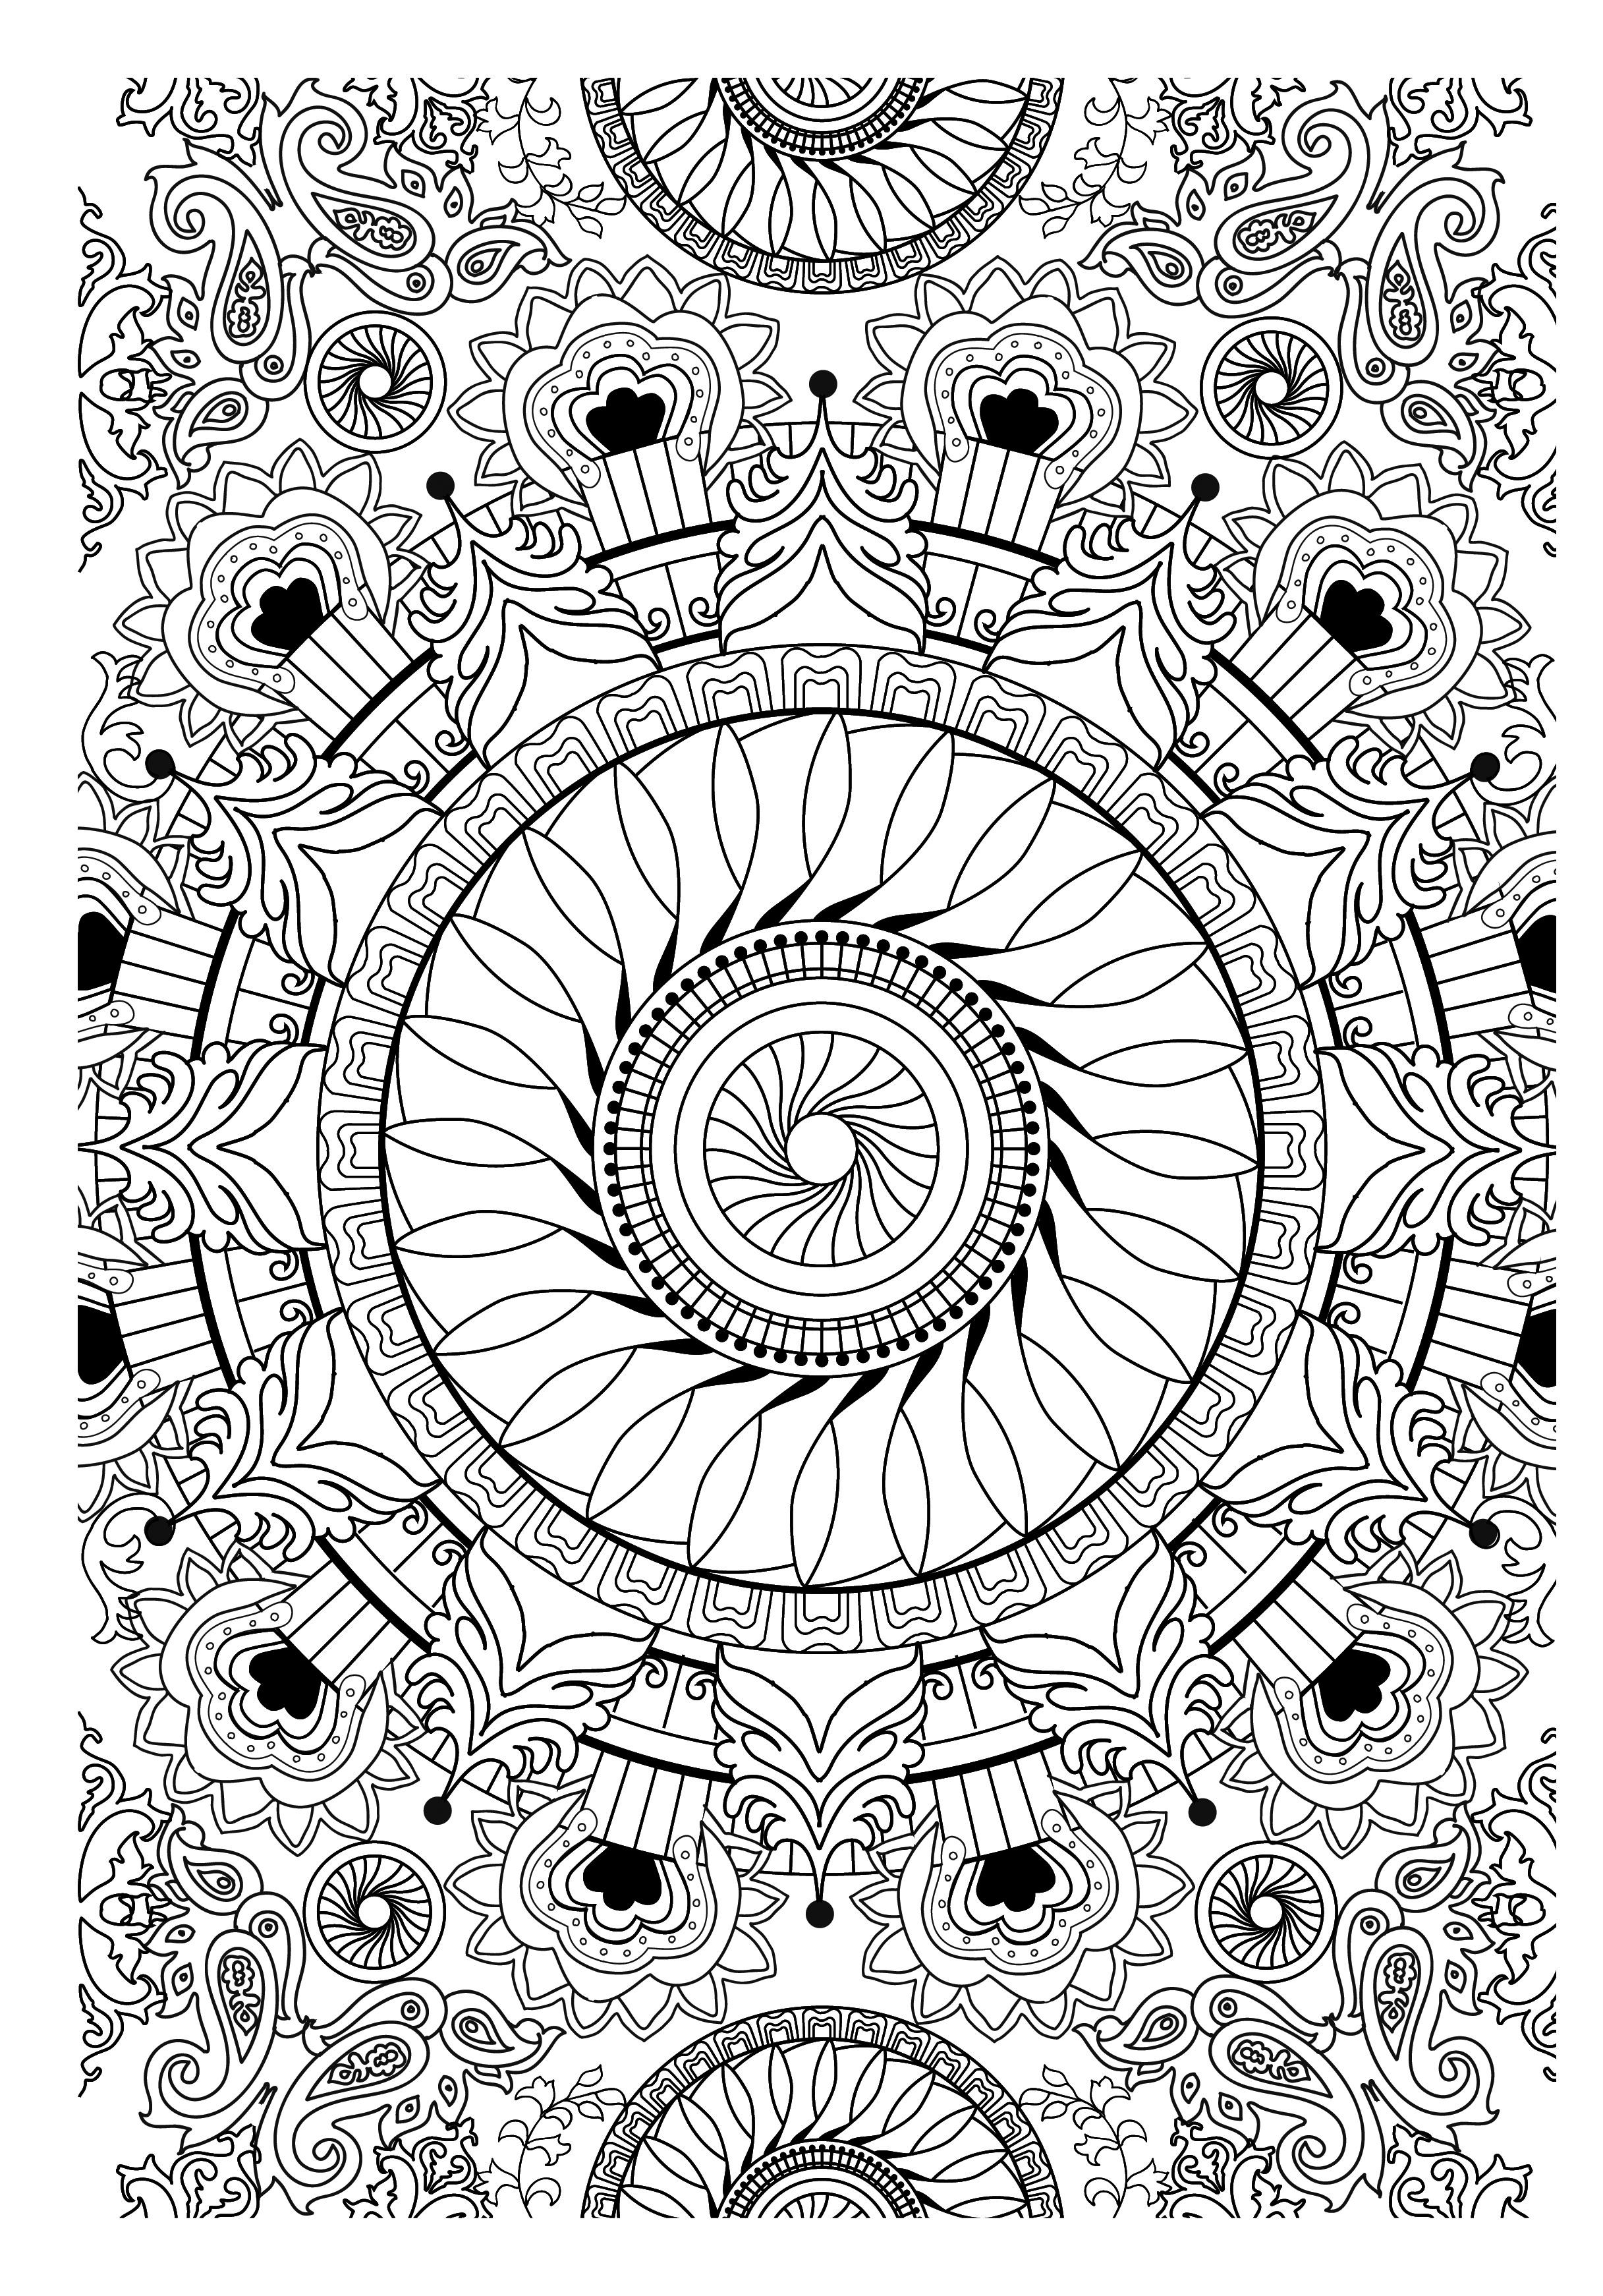 Coloriage Art Therapie 23097 Relaxation Album De Coloriages